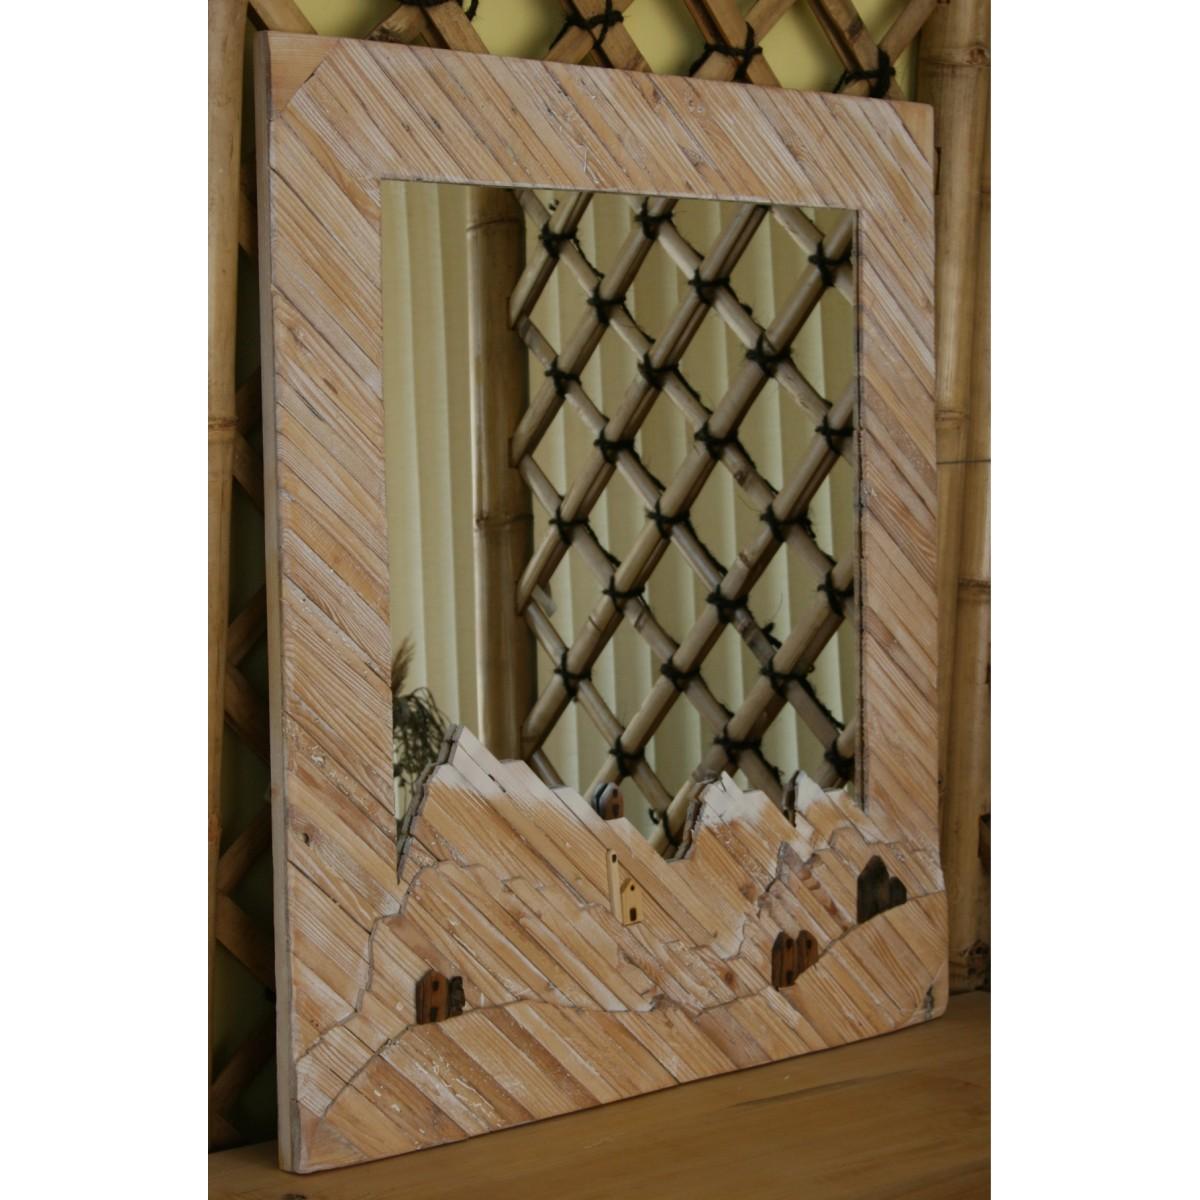 Specchio in legno riciclato